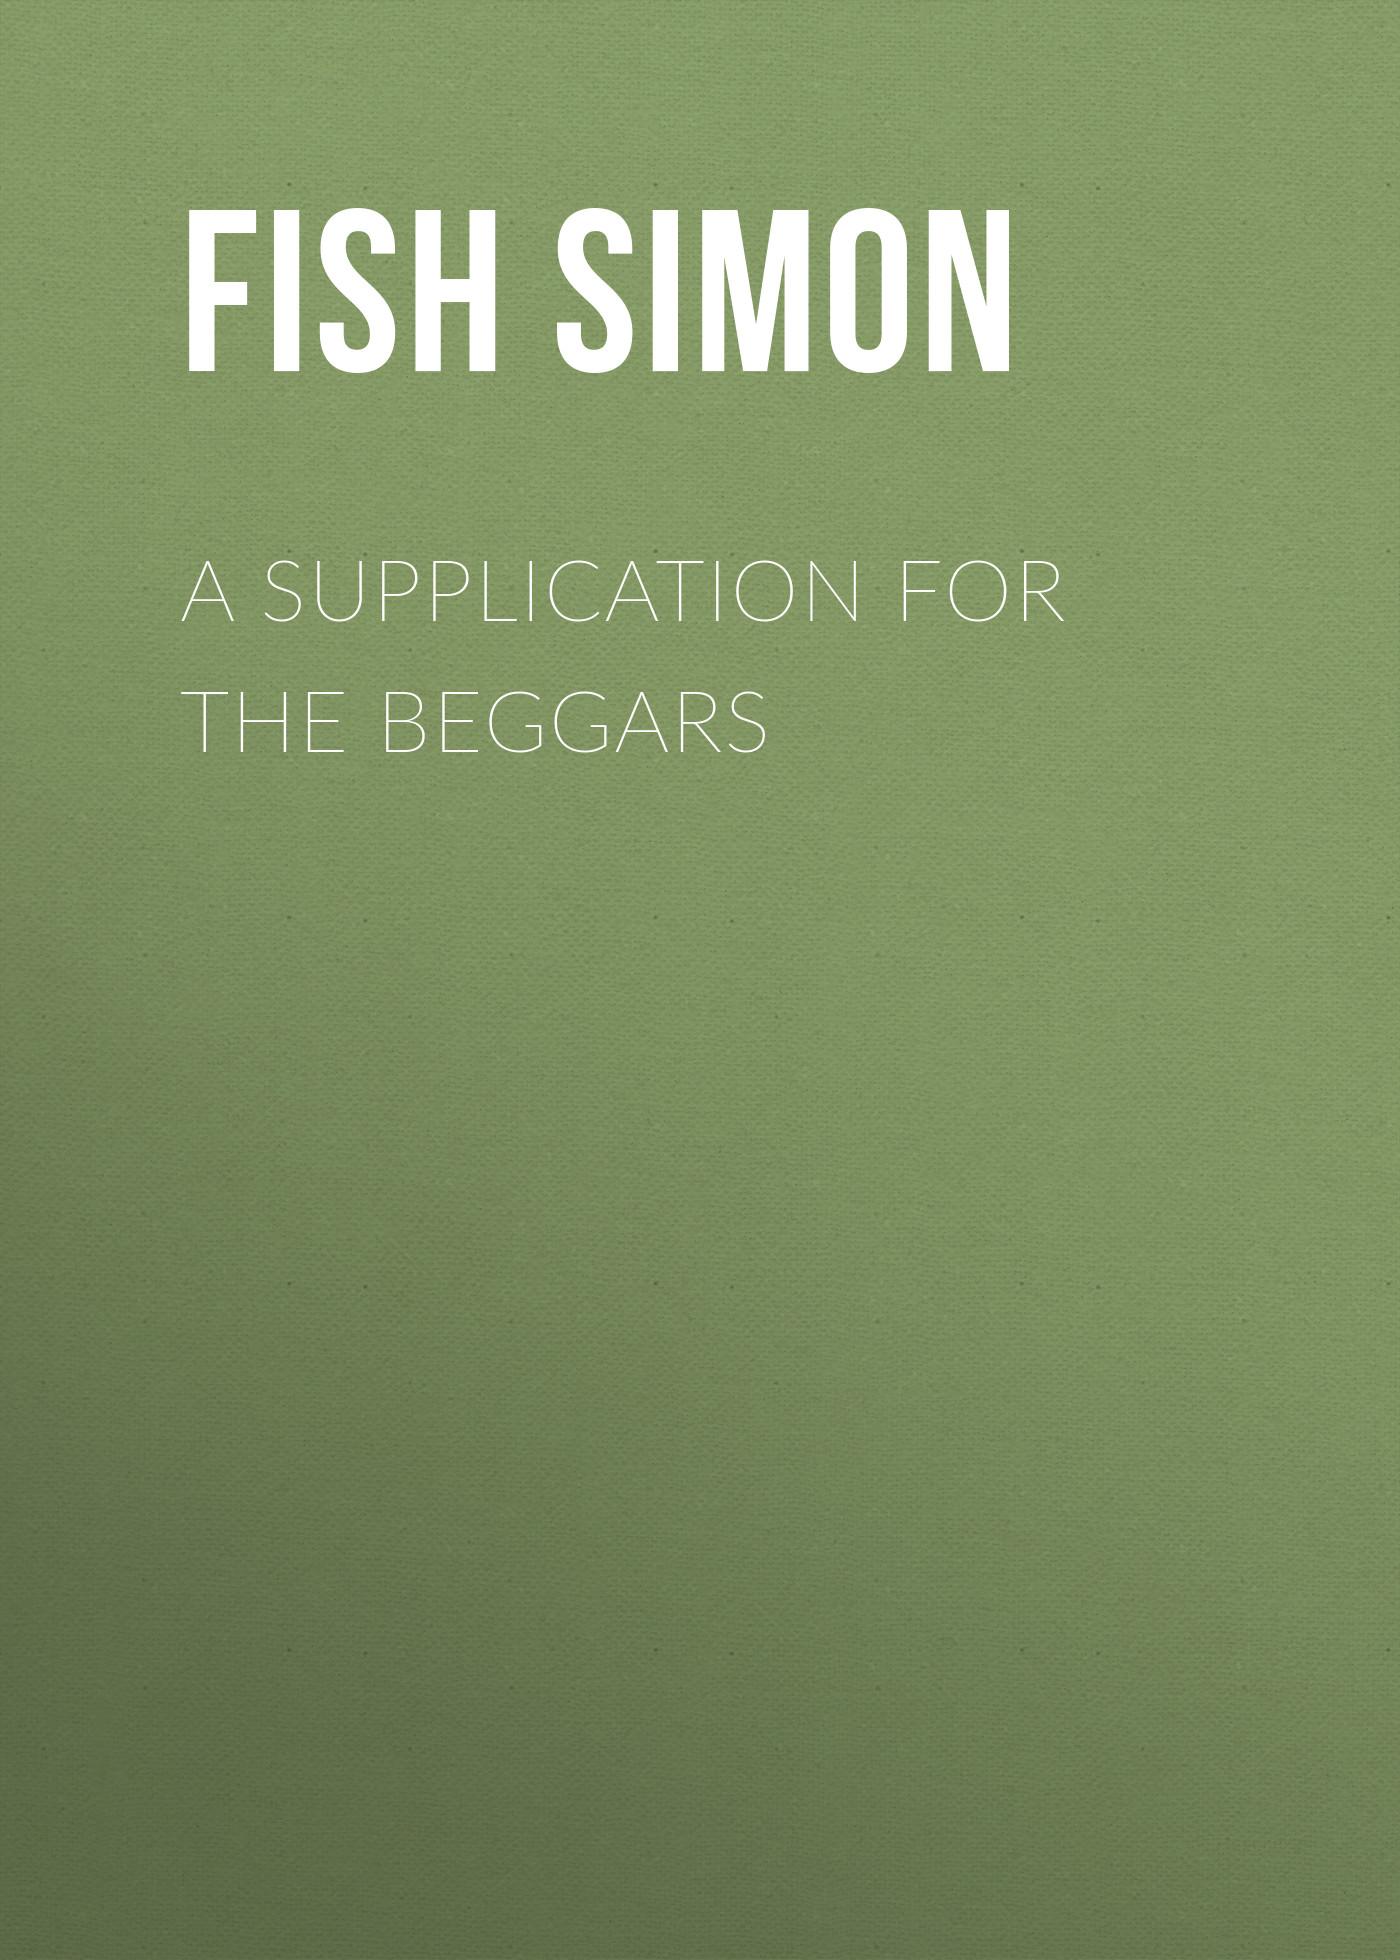 лучшая цена Fish Simon A Supplication for the Beggars